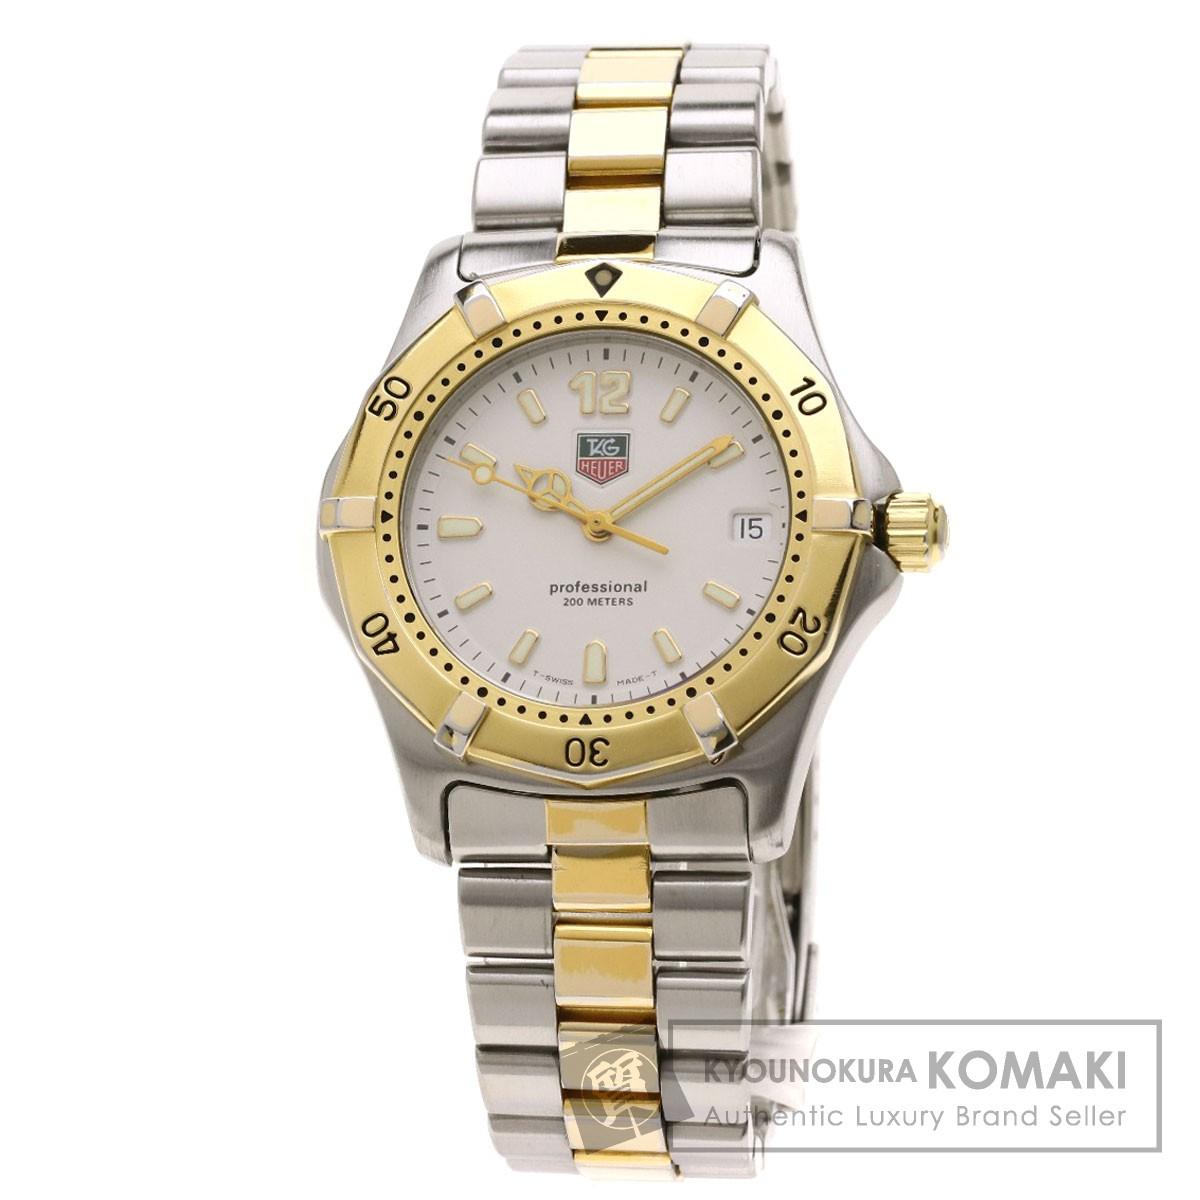 タグホイヤー WK1120 プロフェッショナル 腕時計 ステンレススチール/SSxGP メンズ 【中古】【TAG HEUER】